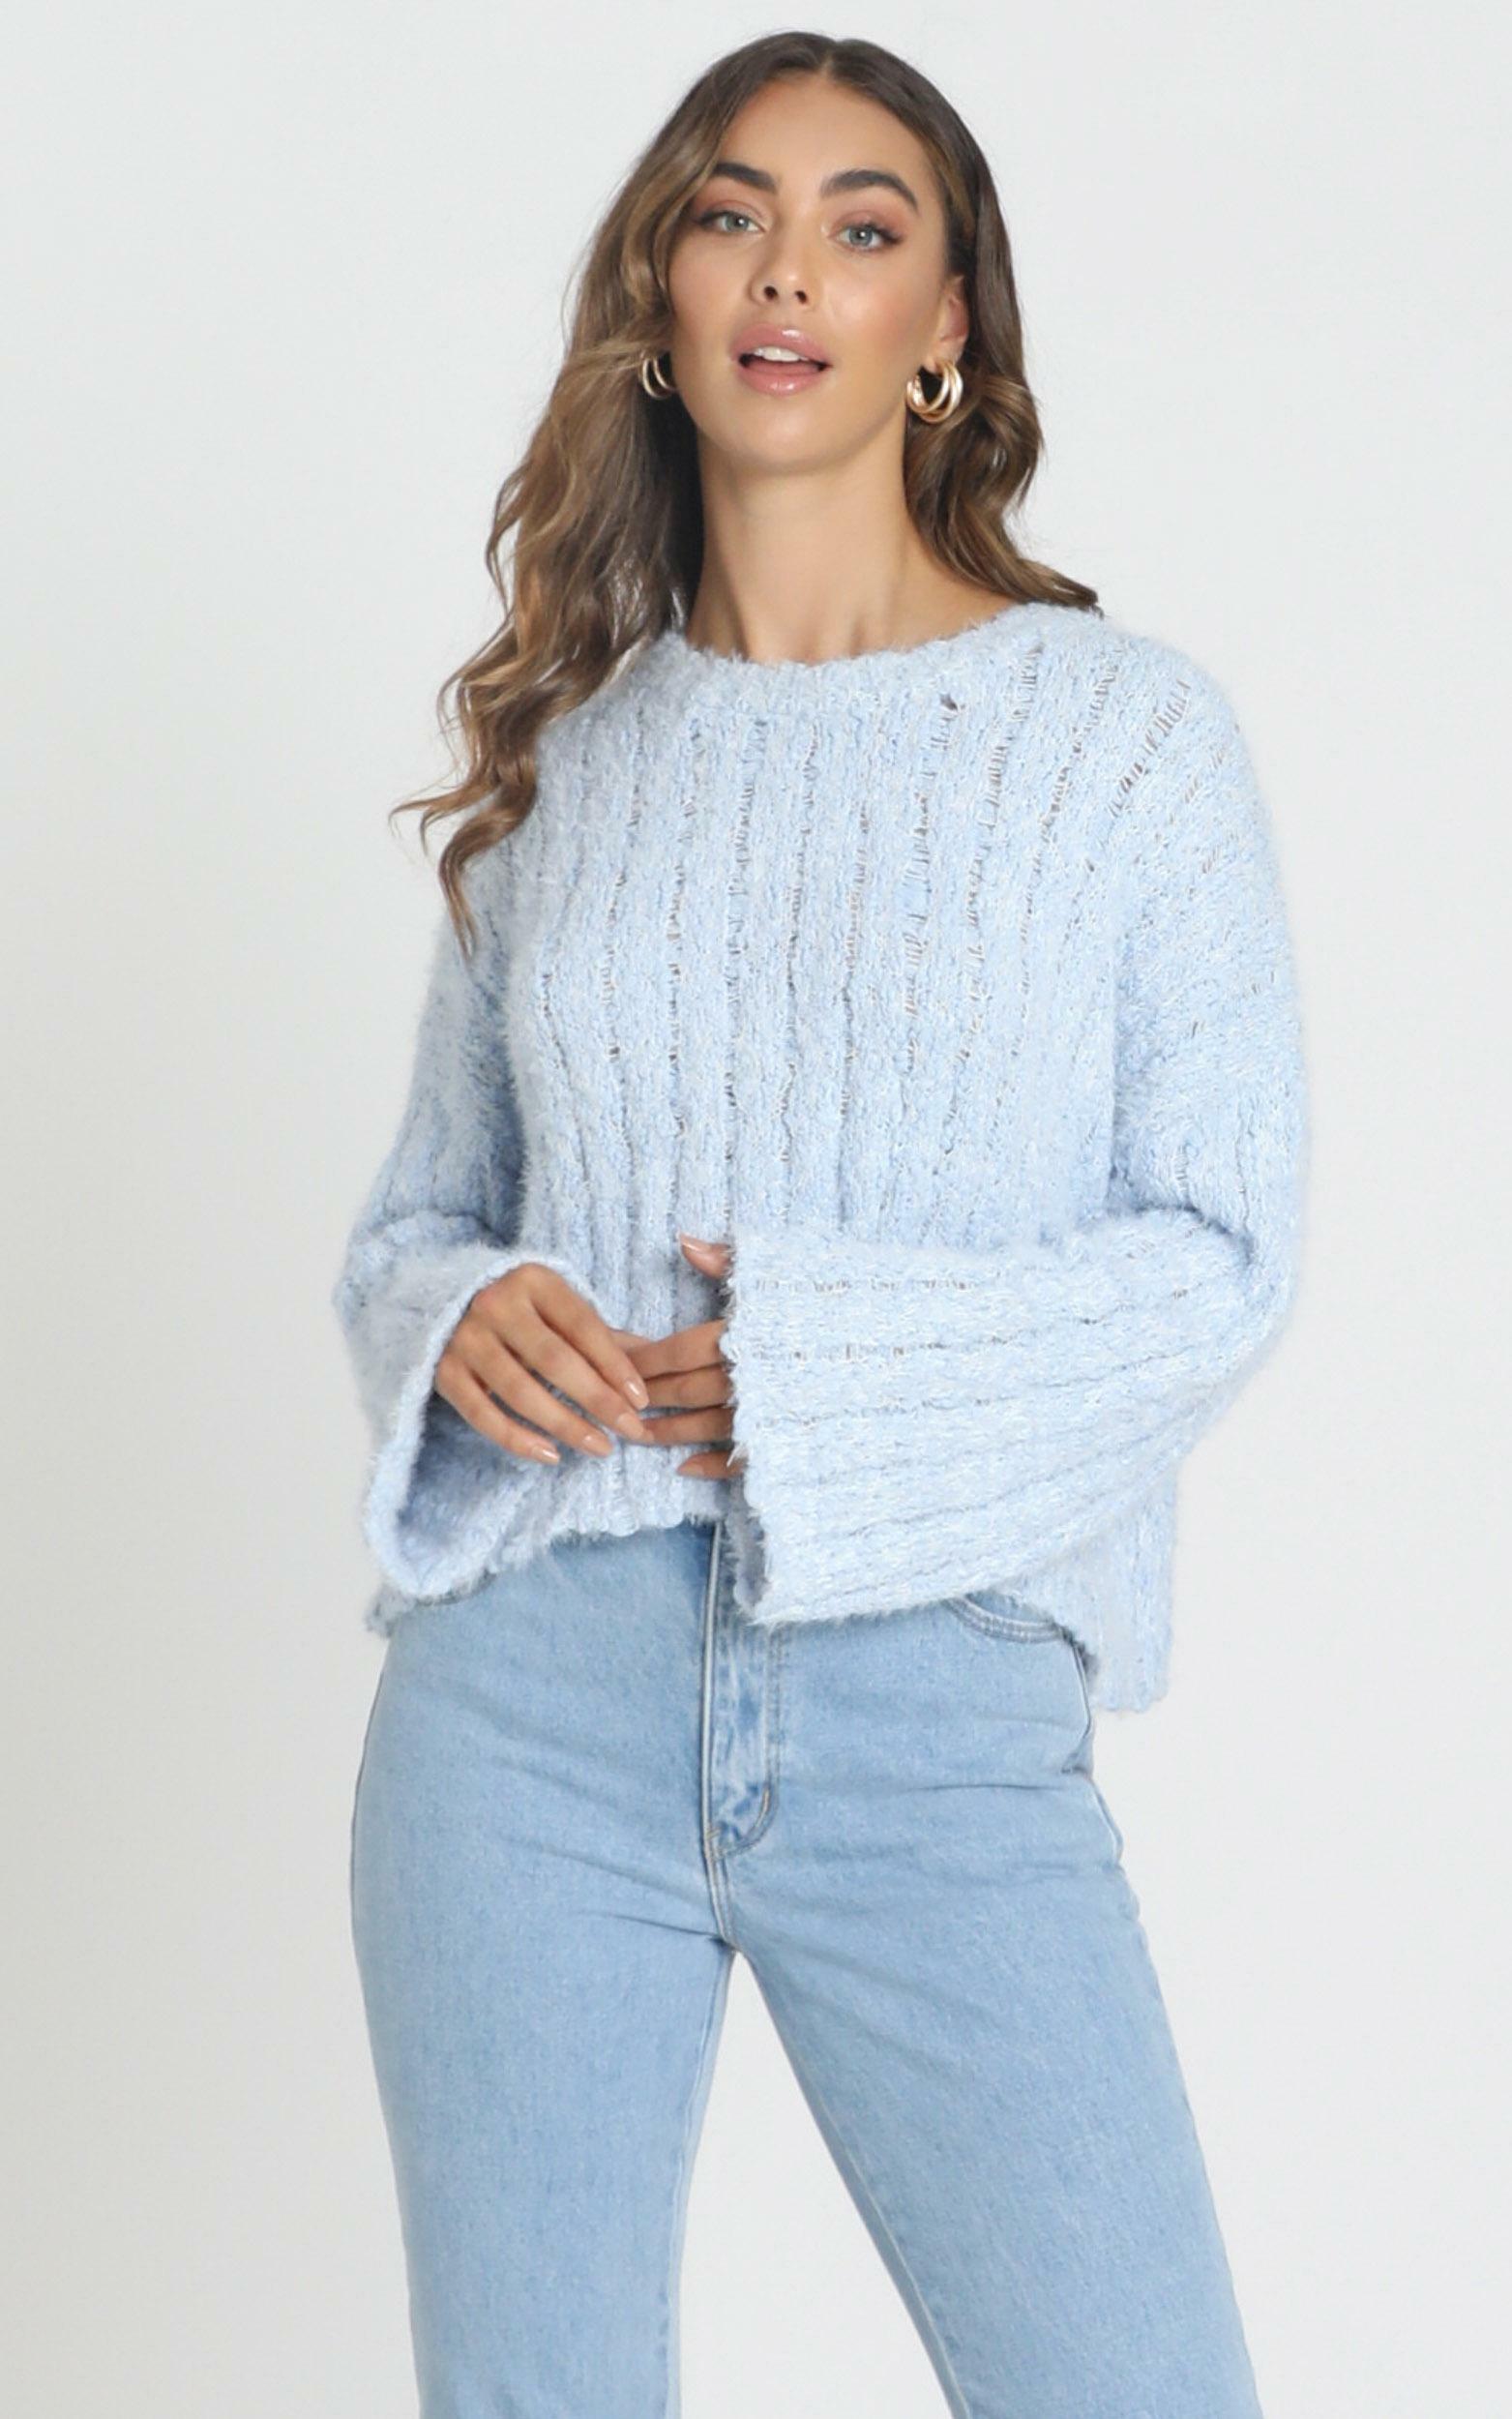 Bethen Fluffy Knit in blue - M/L, Blue, hi-res image number null